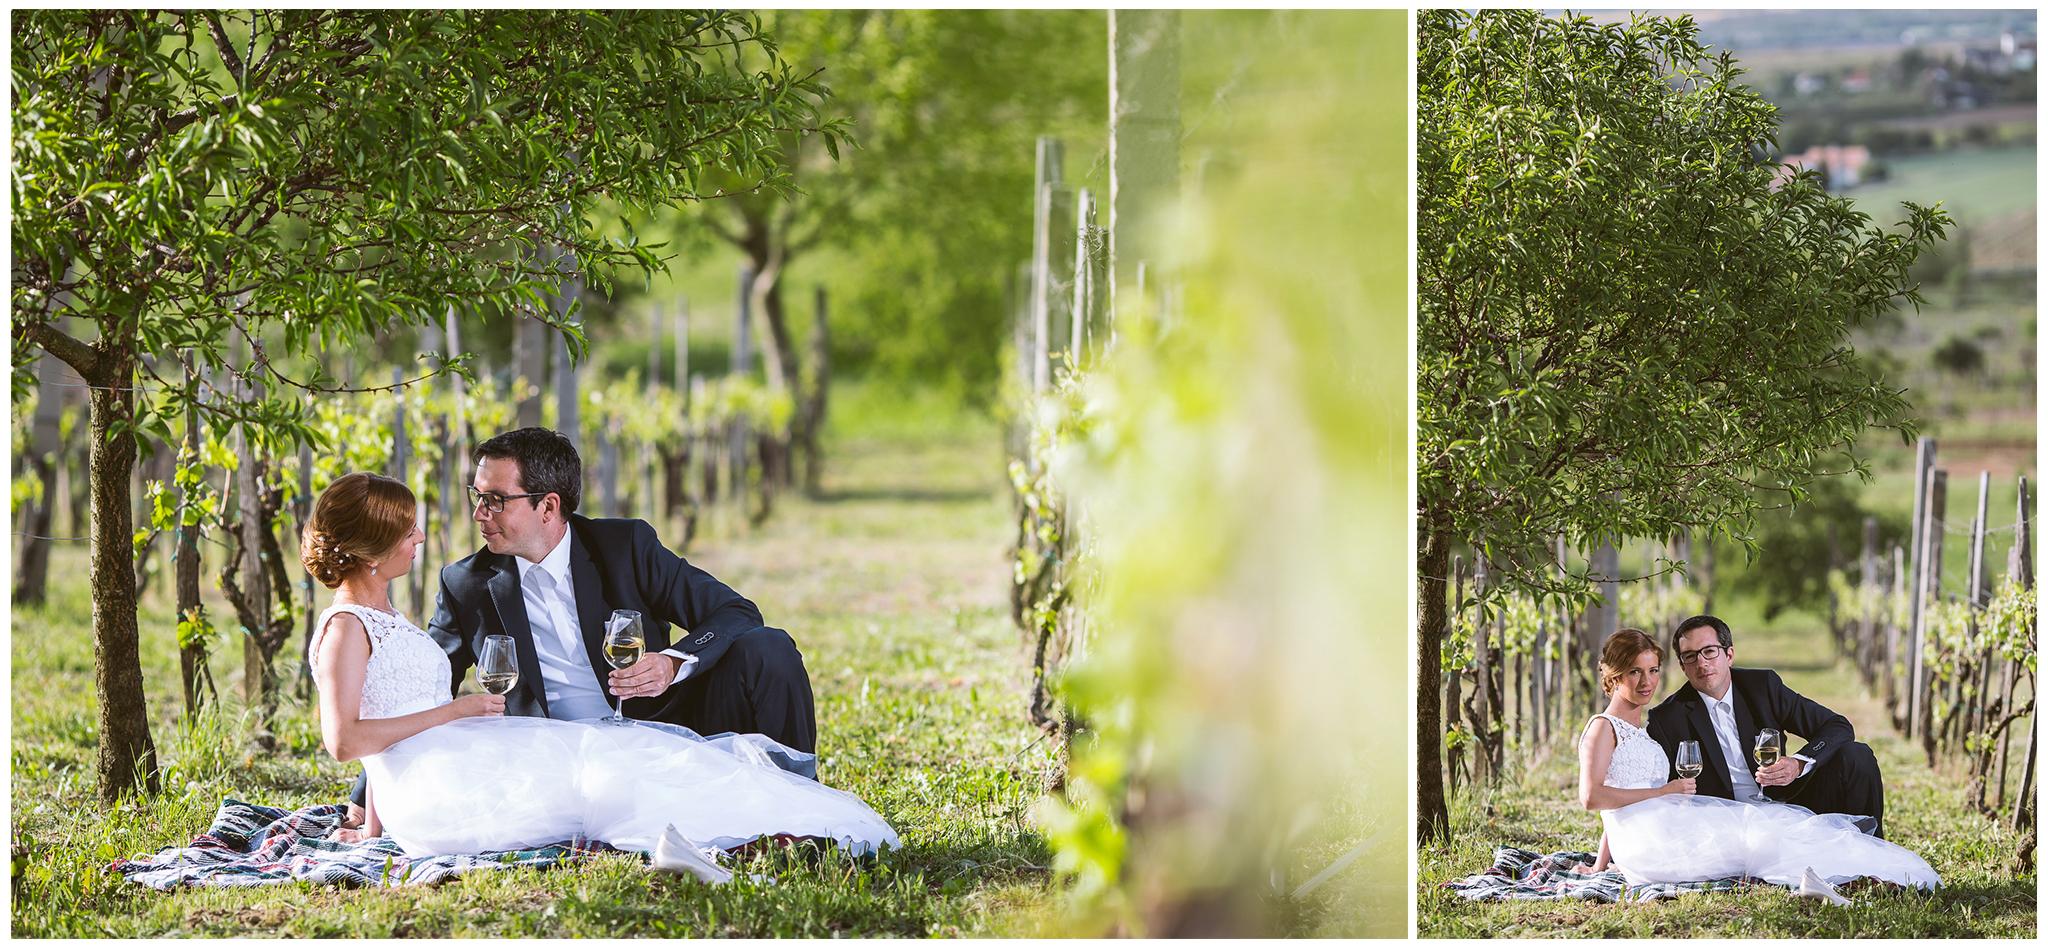 FylepPhoto, esküvőfotós, esküvői fotós Körmend, Szombathely, esküvőfotózás, magyarország, vas megye, prémium, jegyesfotózás, Fülöp Péter, körmend, kreatív, fotográfus_3.jpg